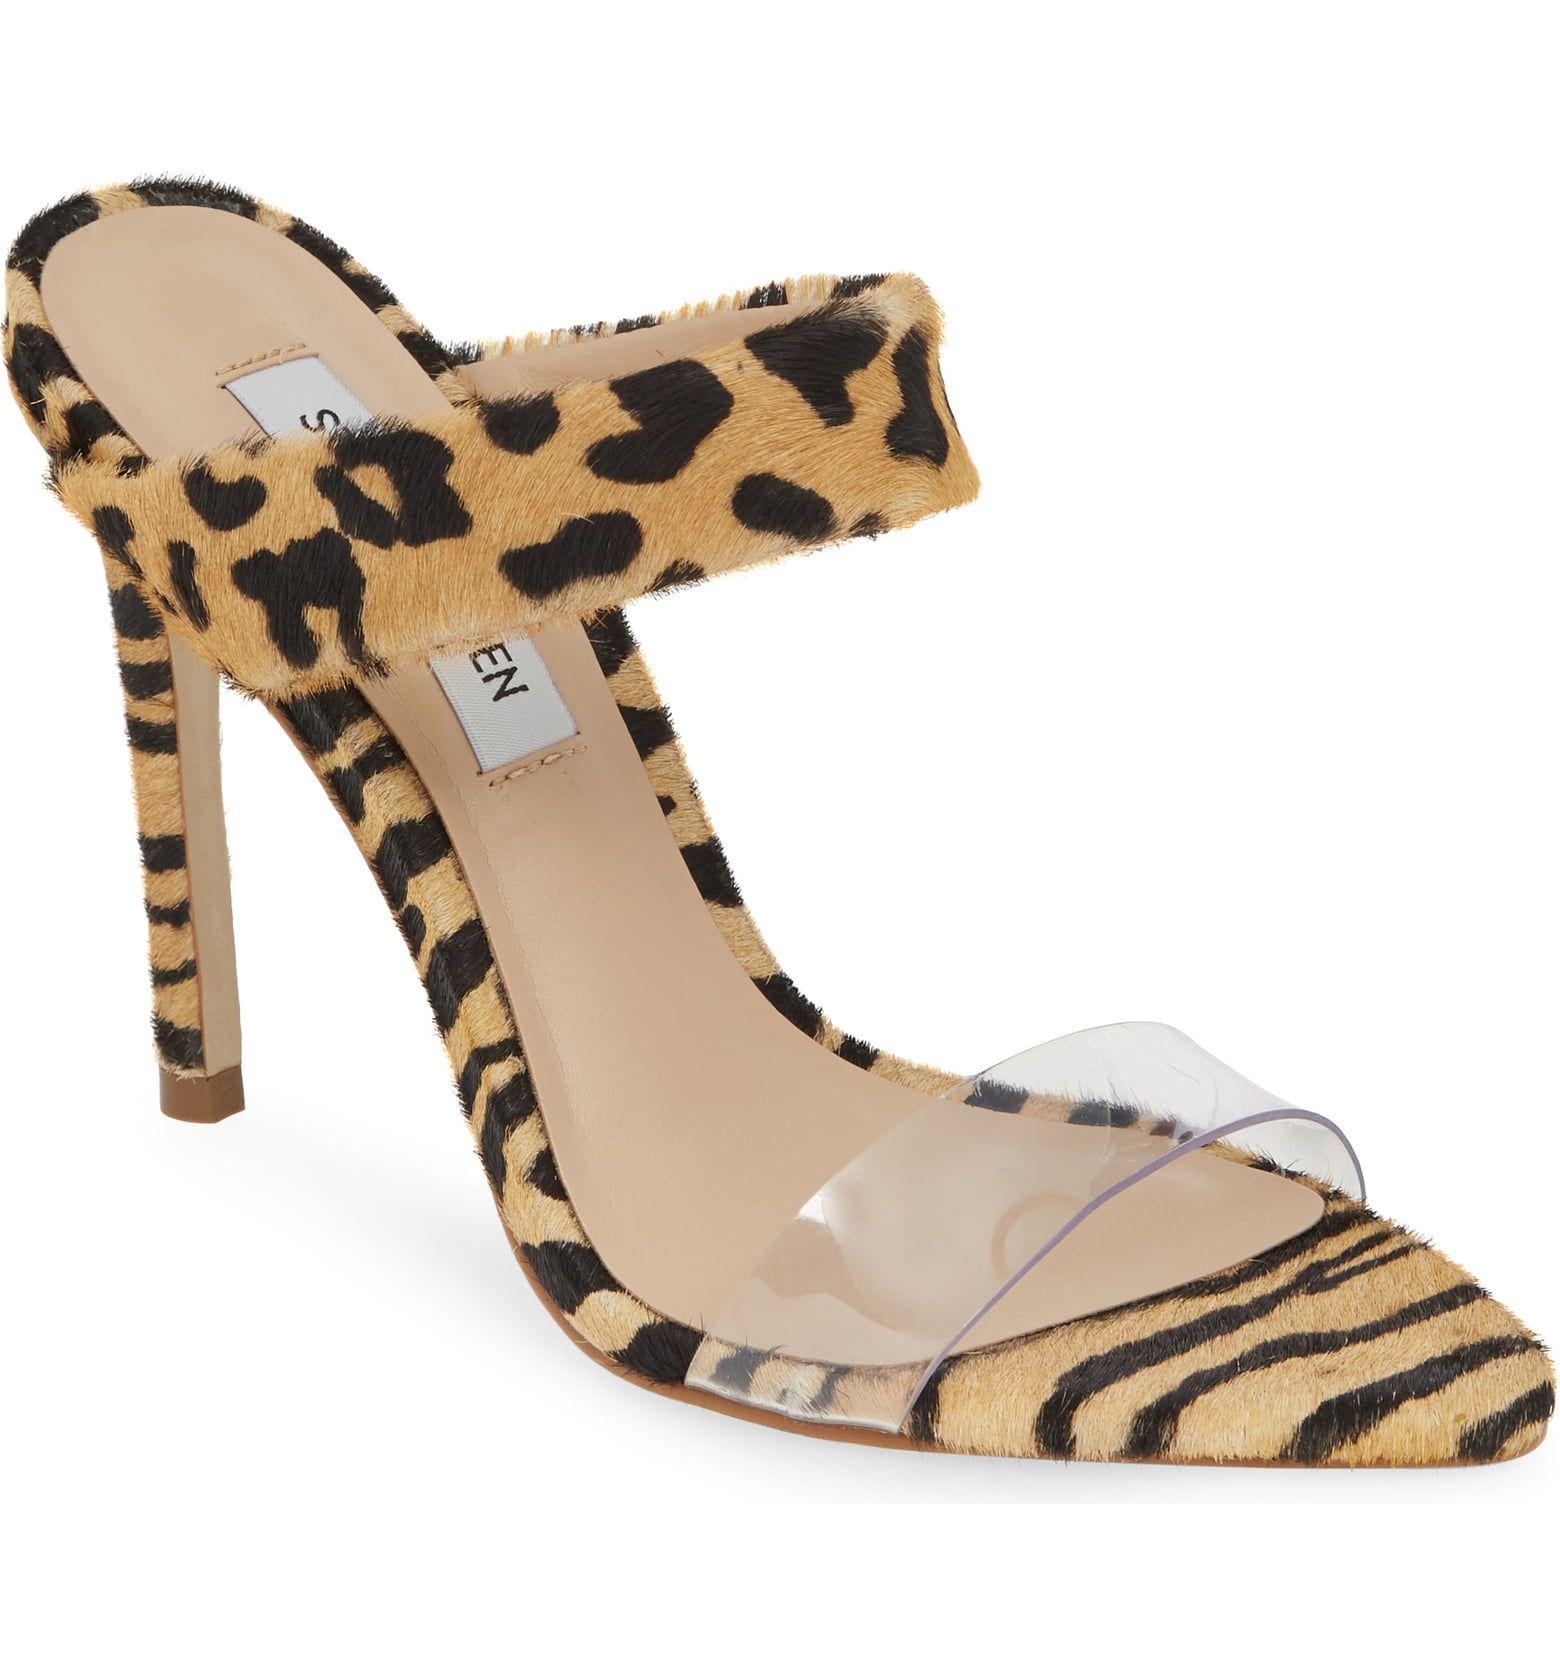 c4e51873e28 STEVE MADDEN Amaya Genuine Calf Hair Slide Sandal, Main, color ...